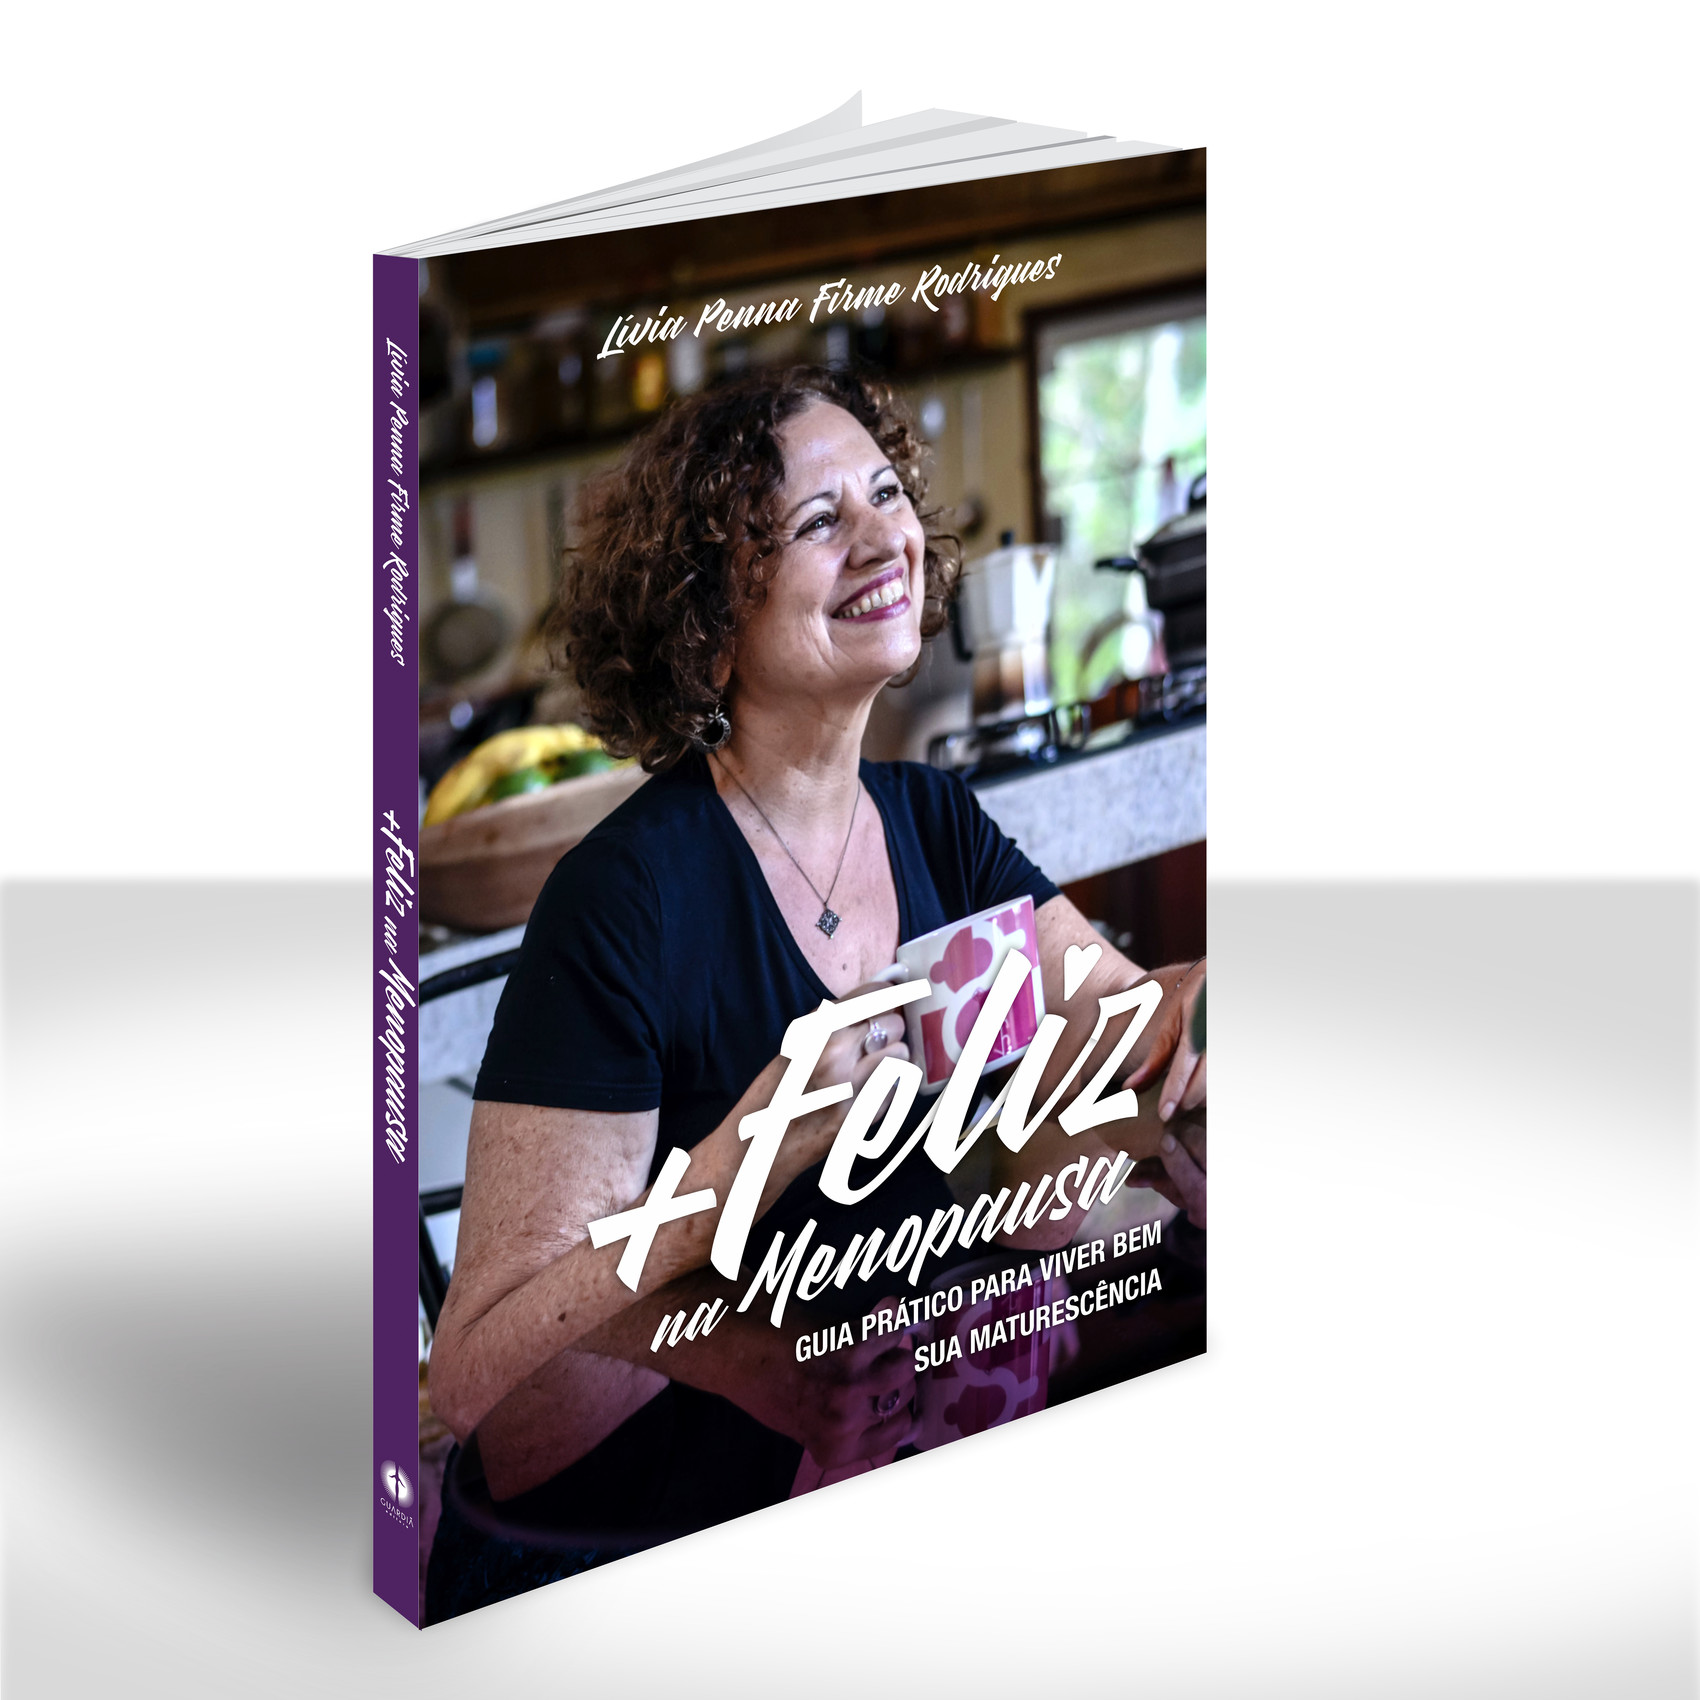 + Feliz na Menopausa: Guia prático para viver bem sua maturescência   Lívia Penna Firme Rodrigues